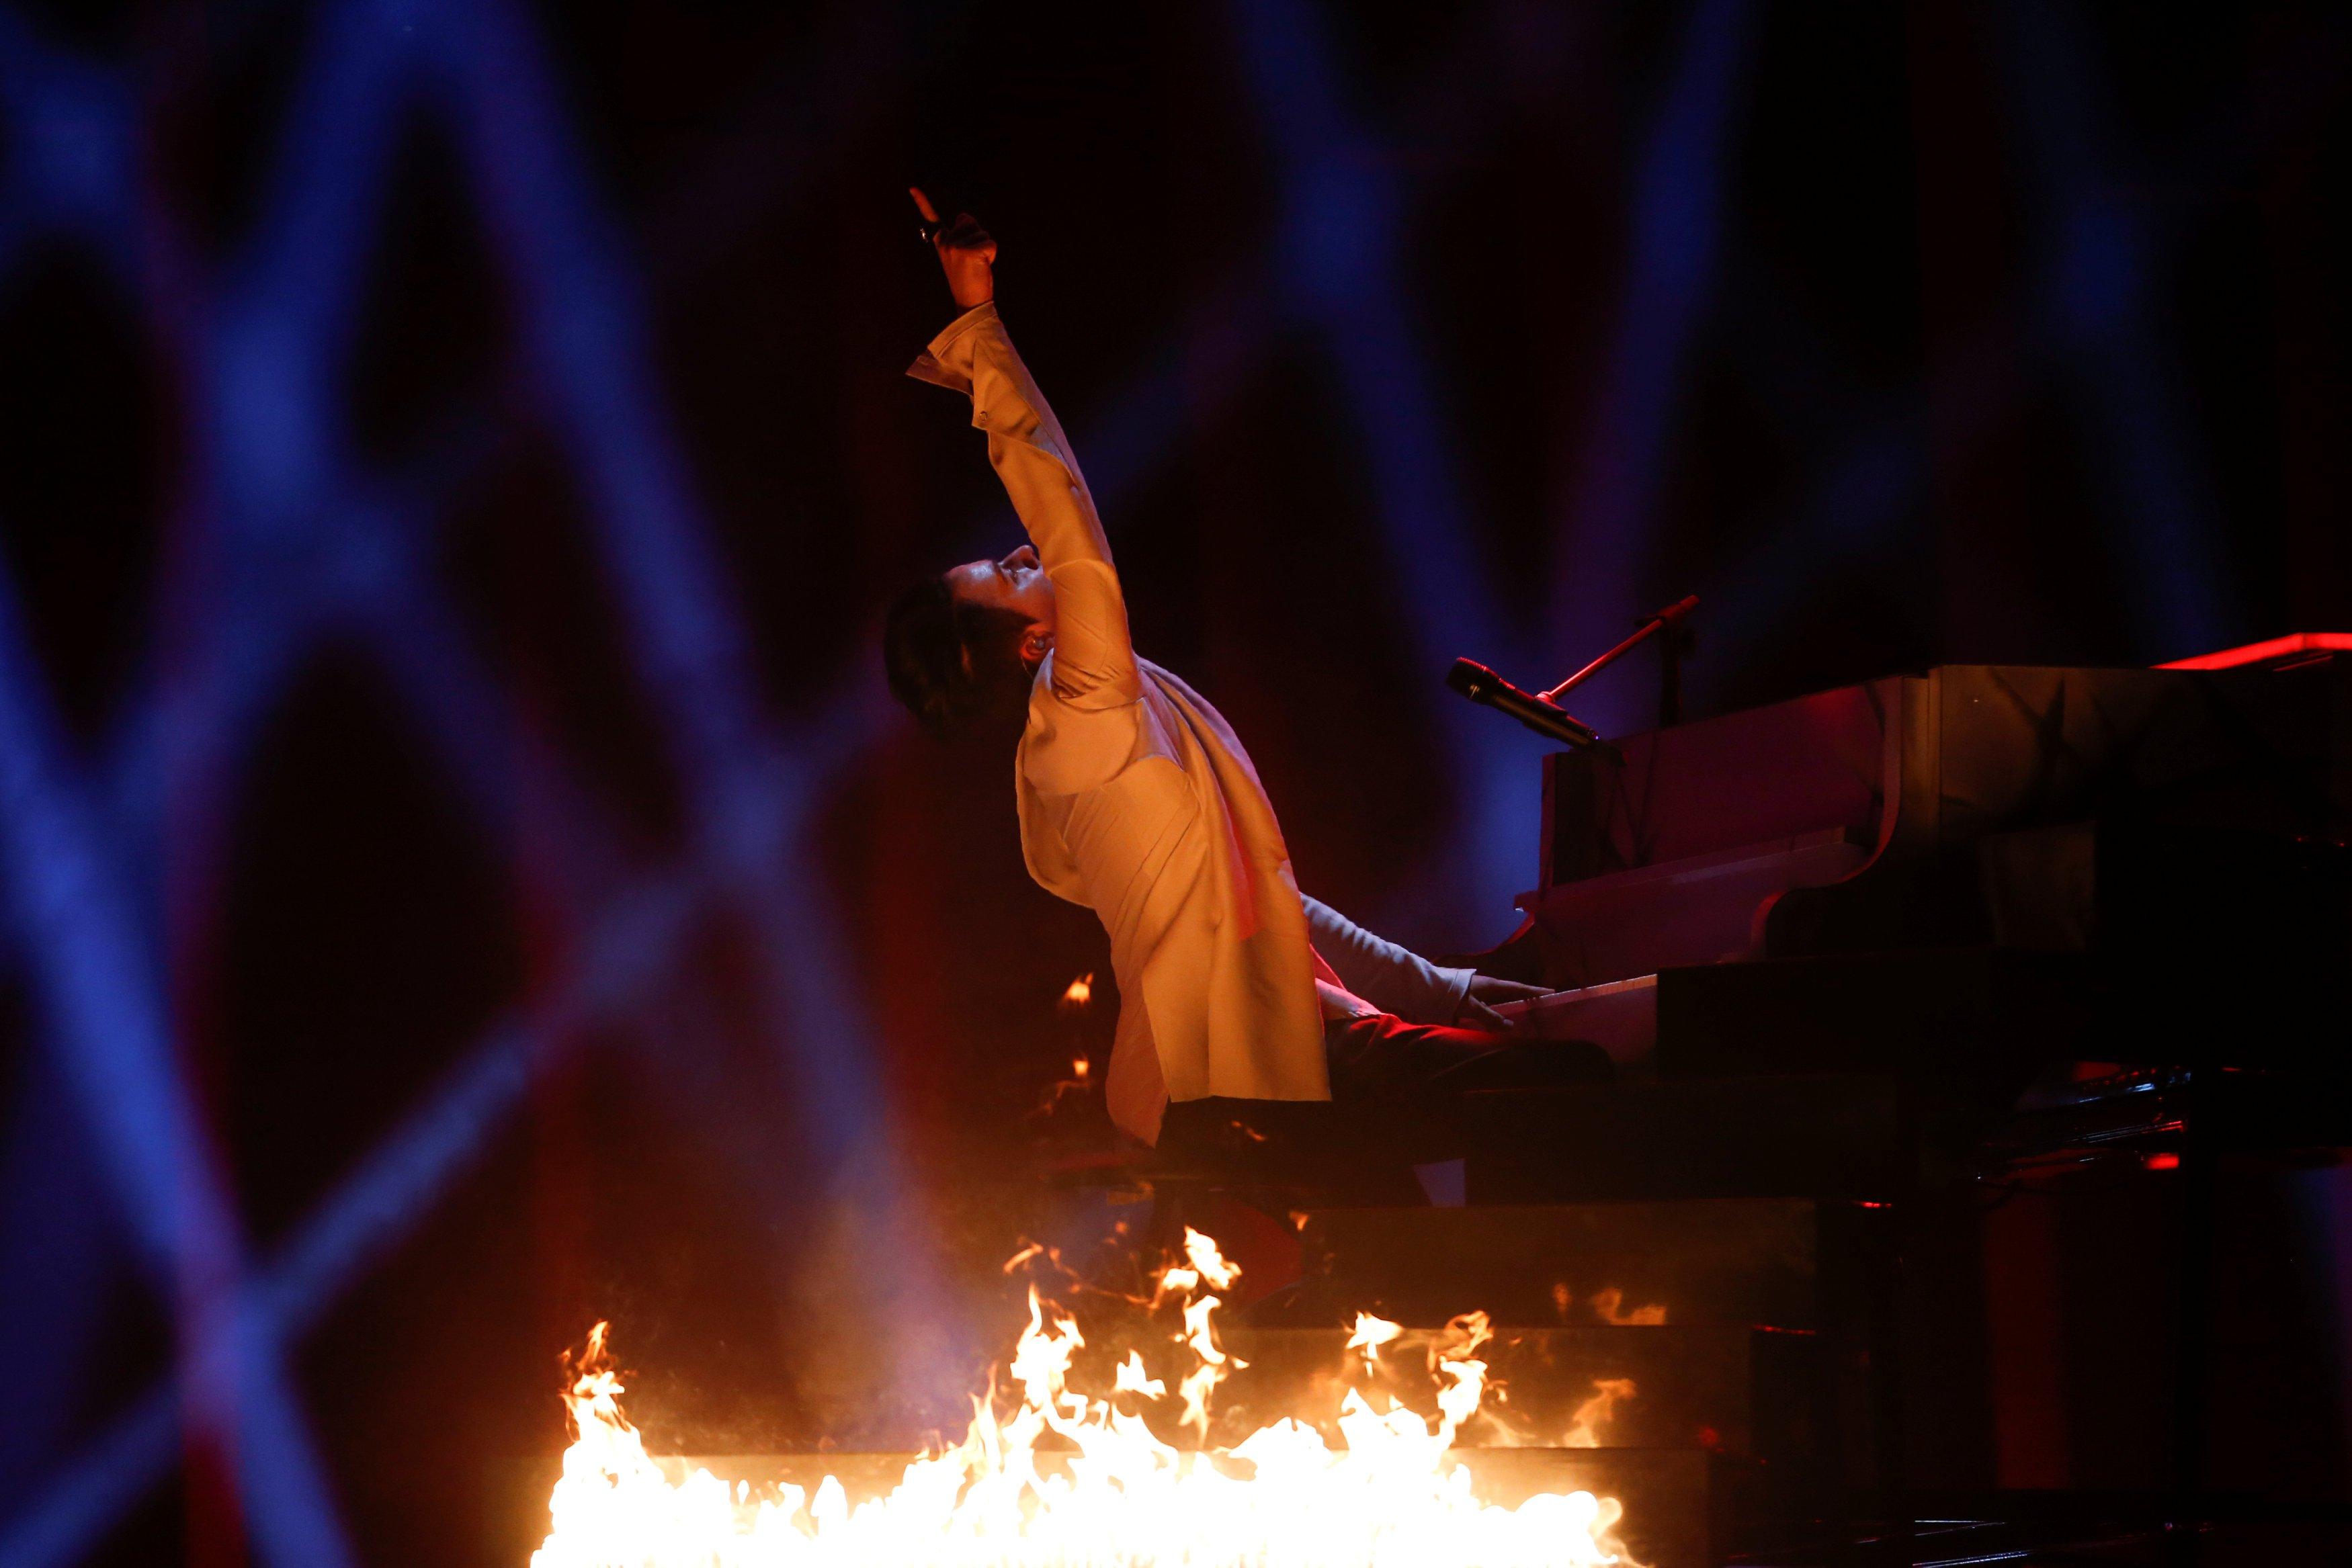 Украинский певец Melovin выступит первым в финале